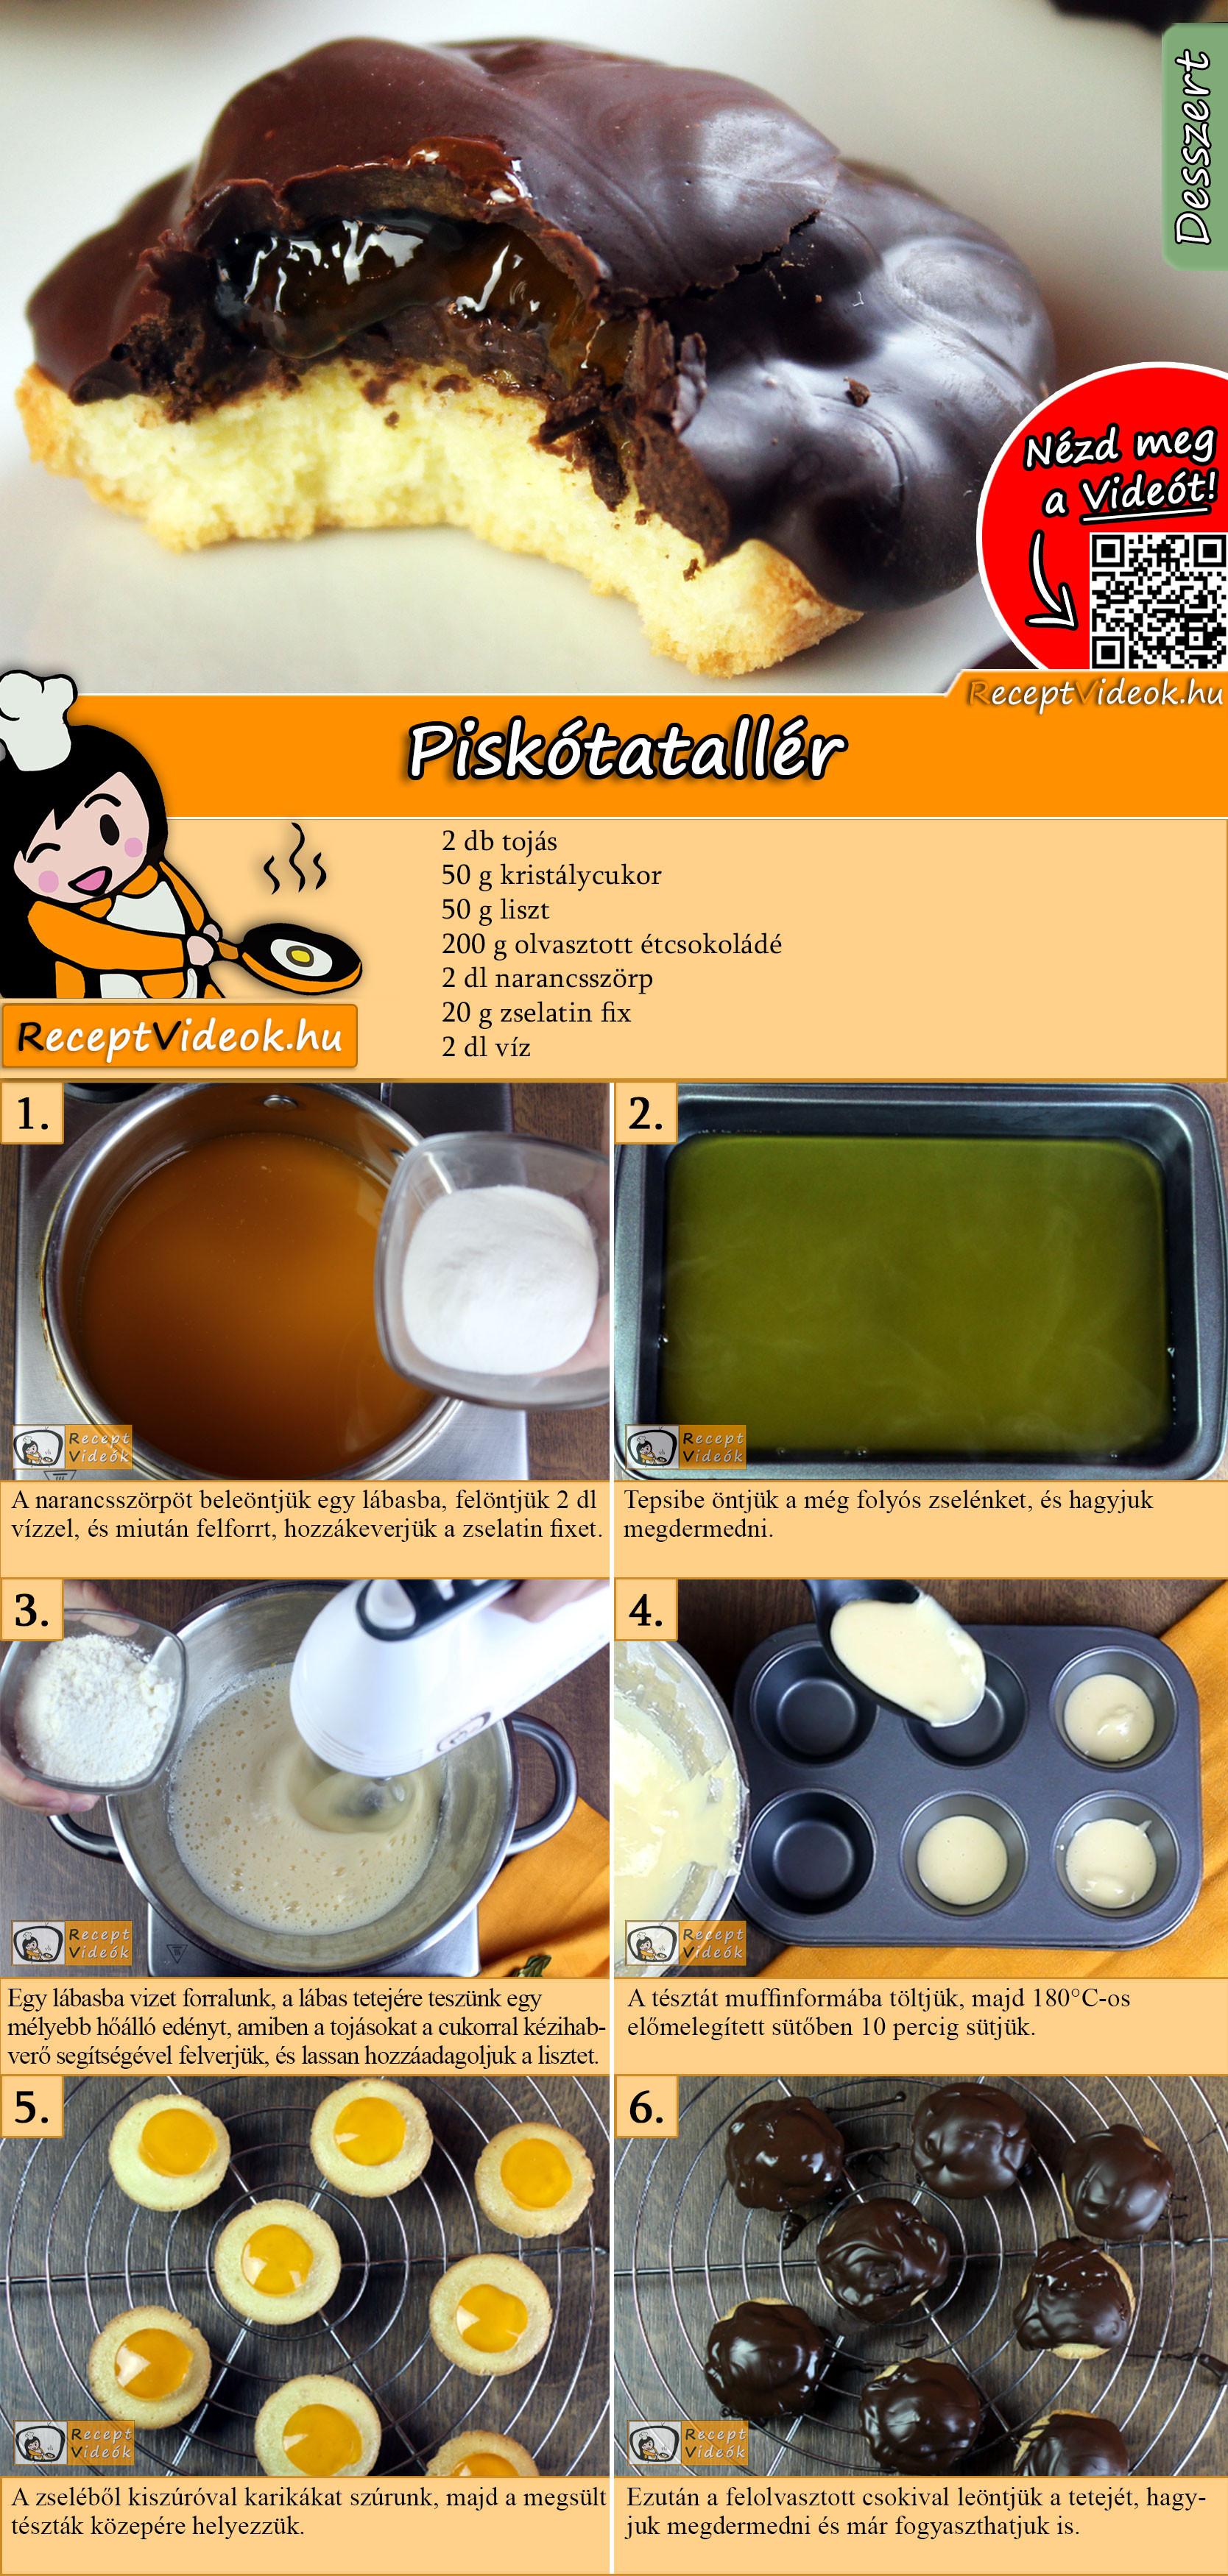 Piskótatallér recept elkészítése videóval